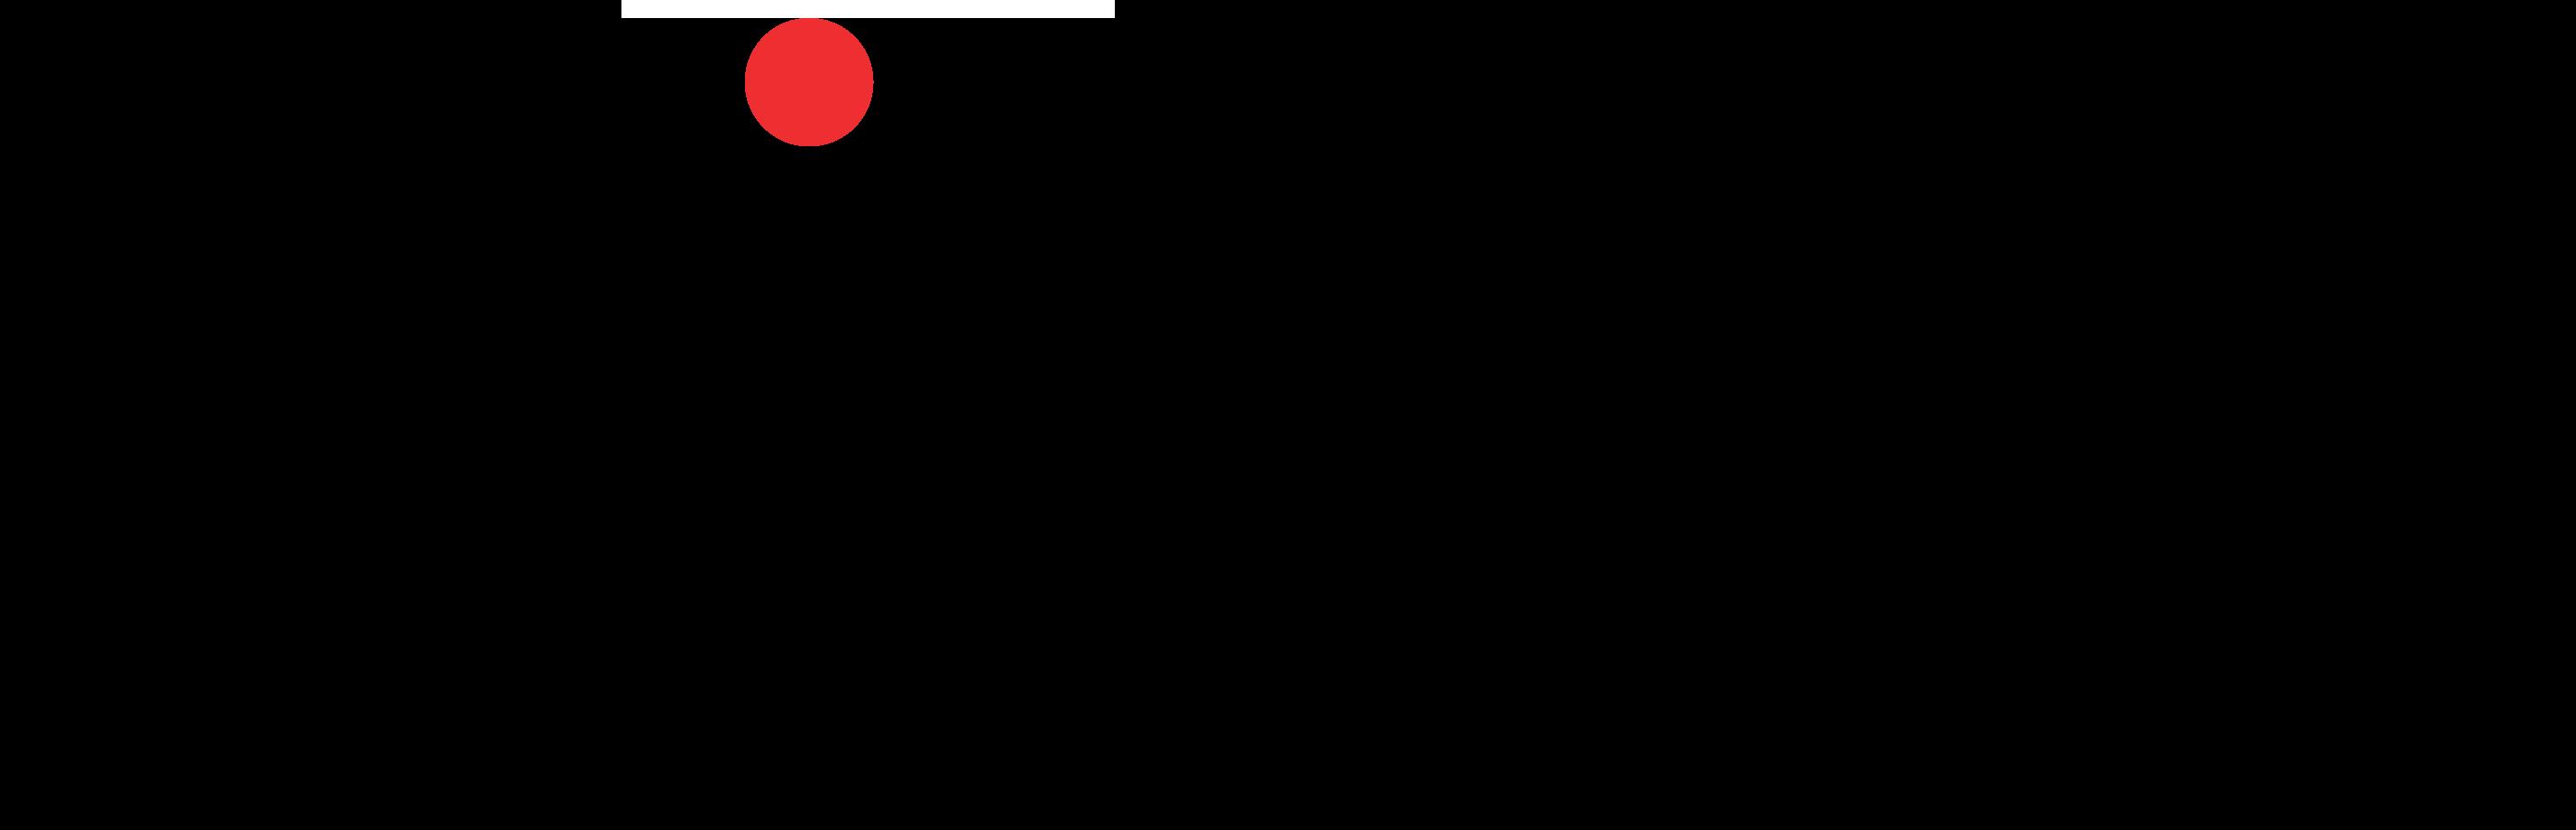 t430s_2